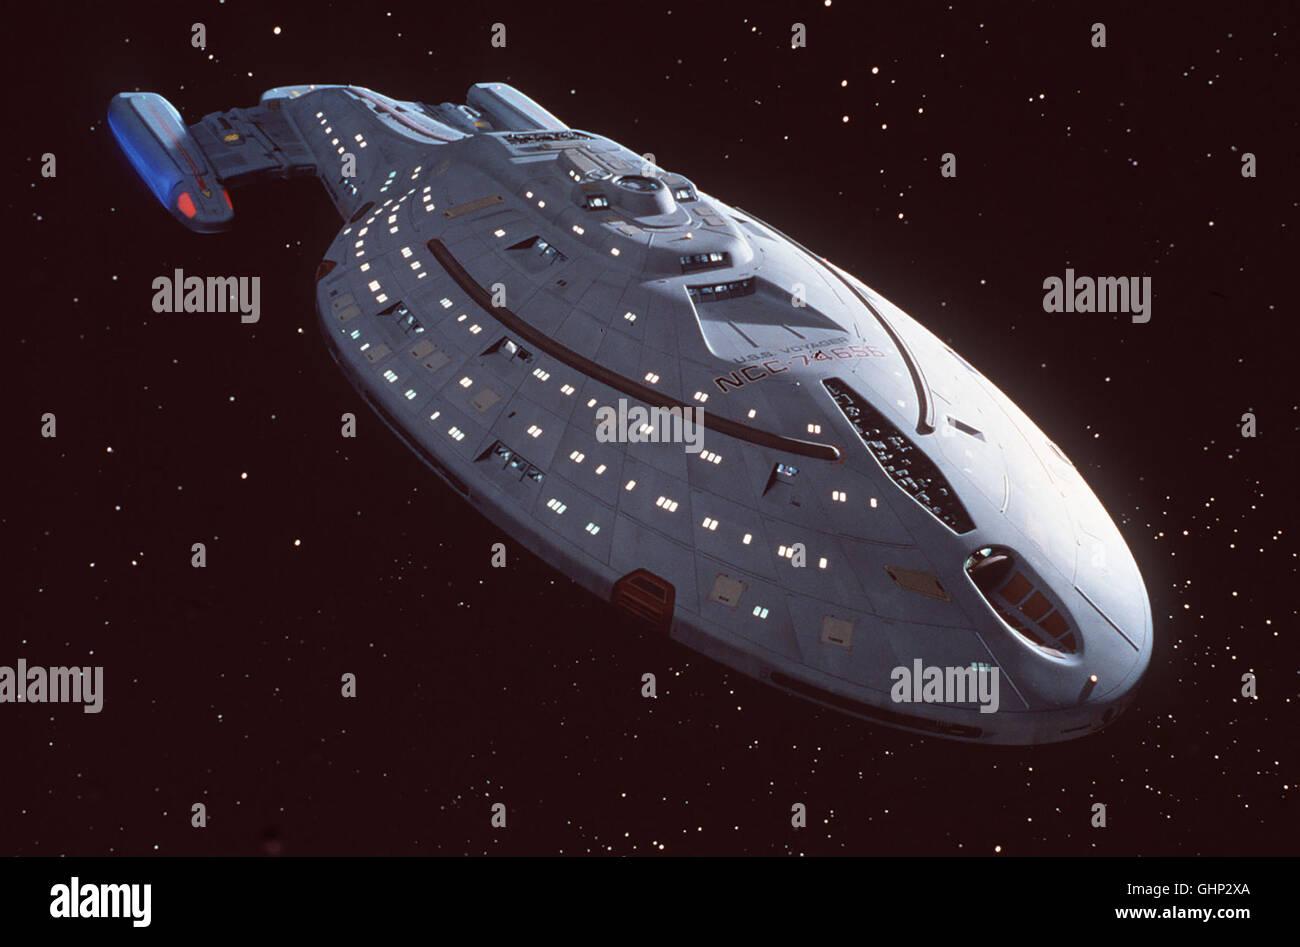 Raumschiff Voyager Endspiel